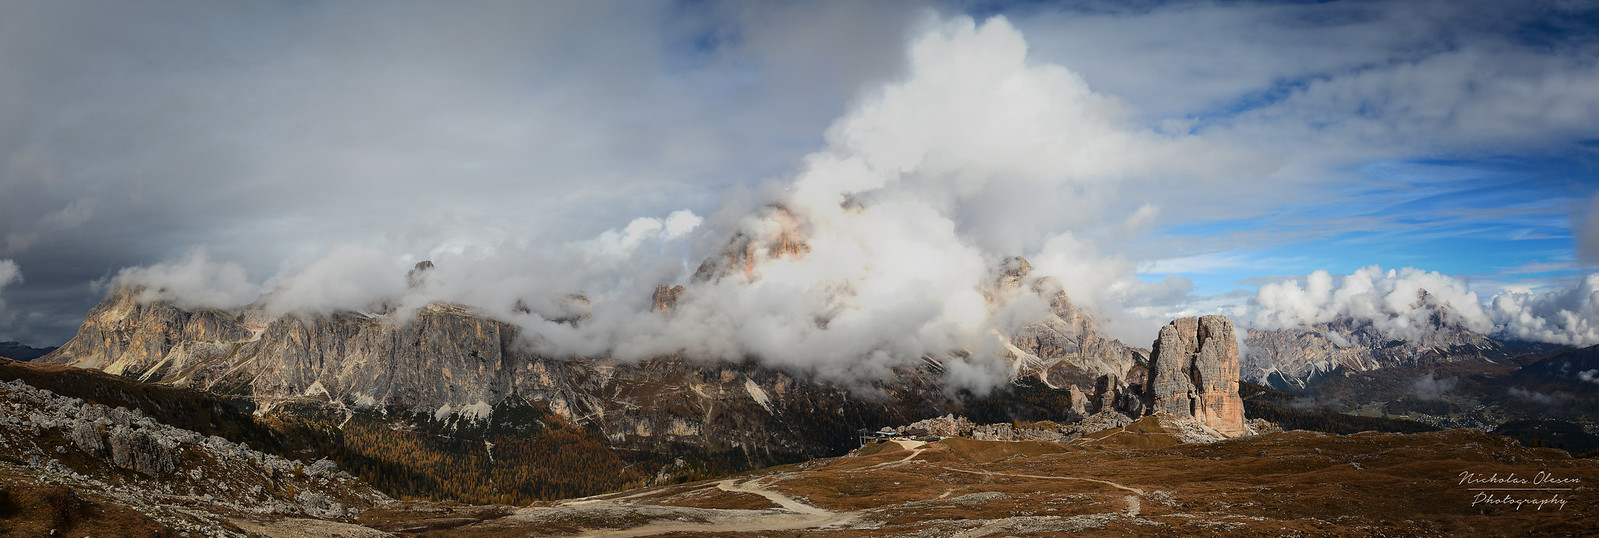 Dolomites | Cinque Torri Panorama